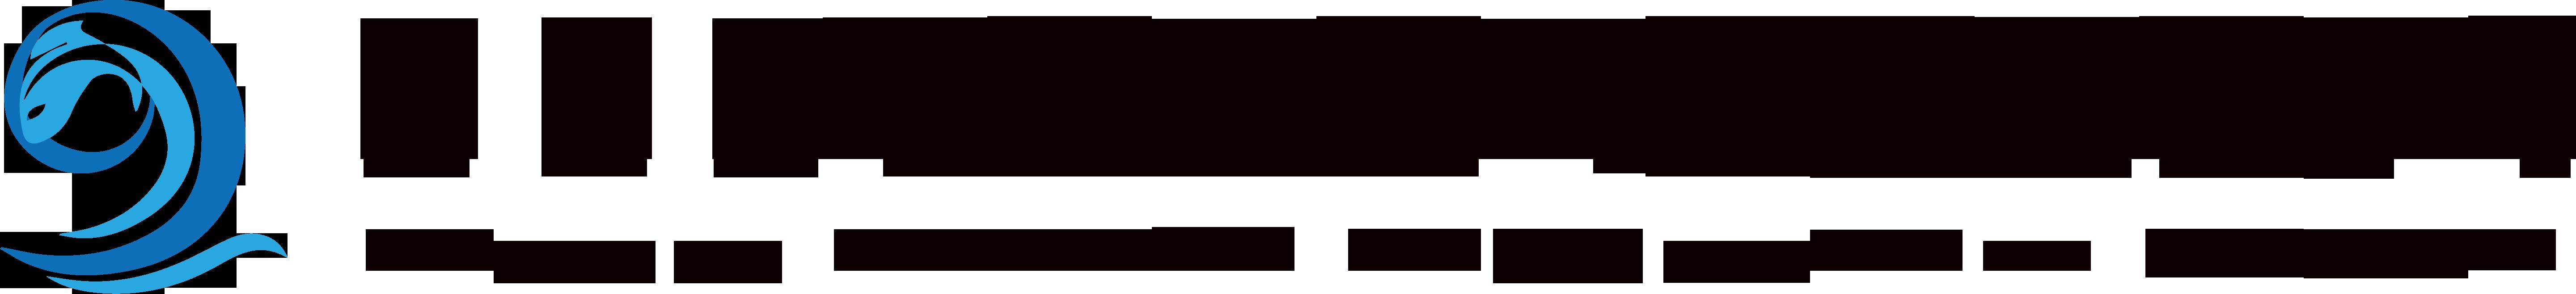 新思路logo